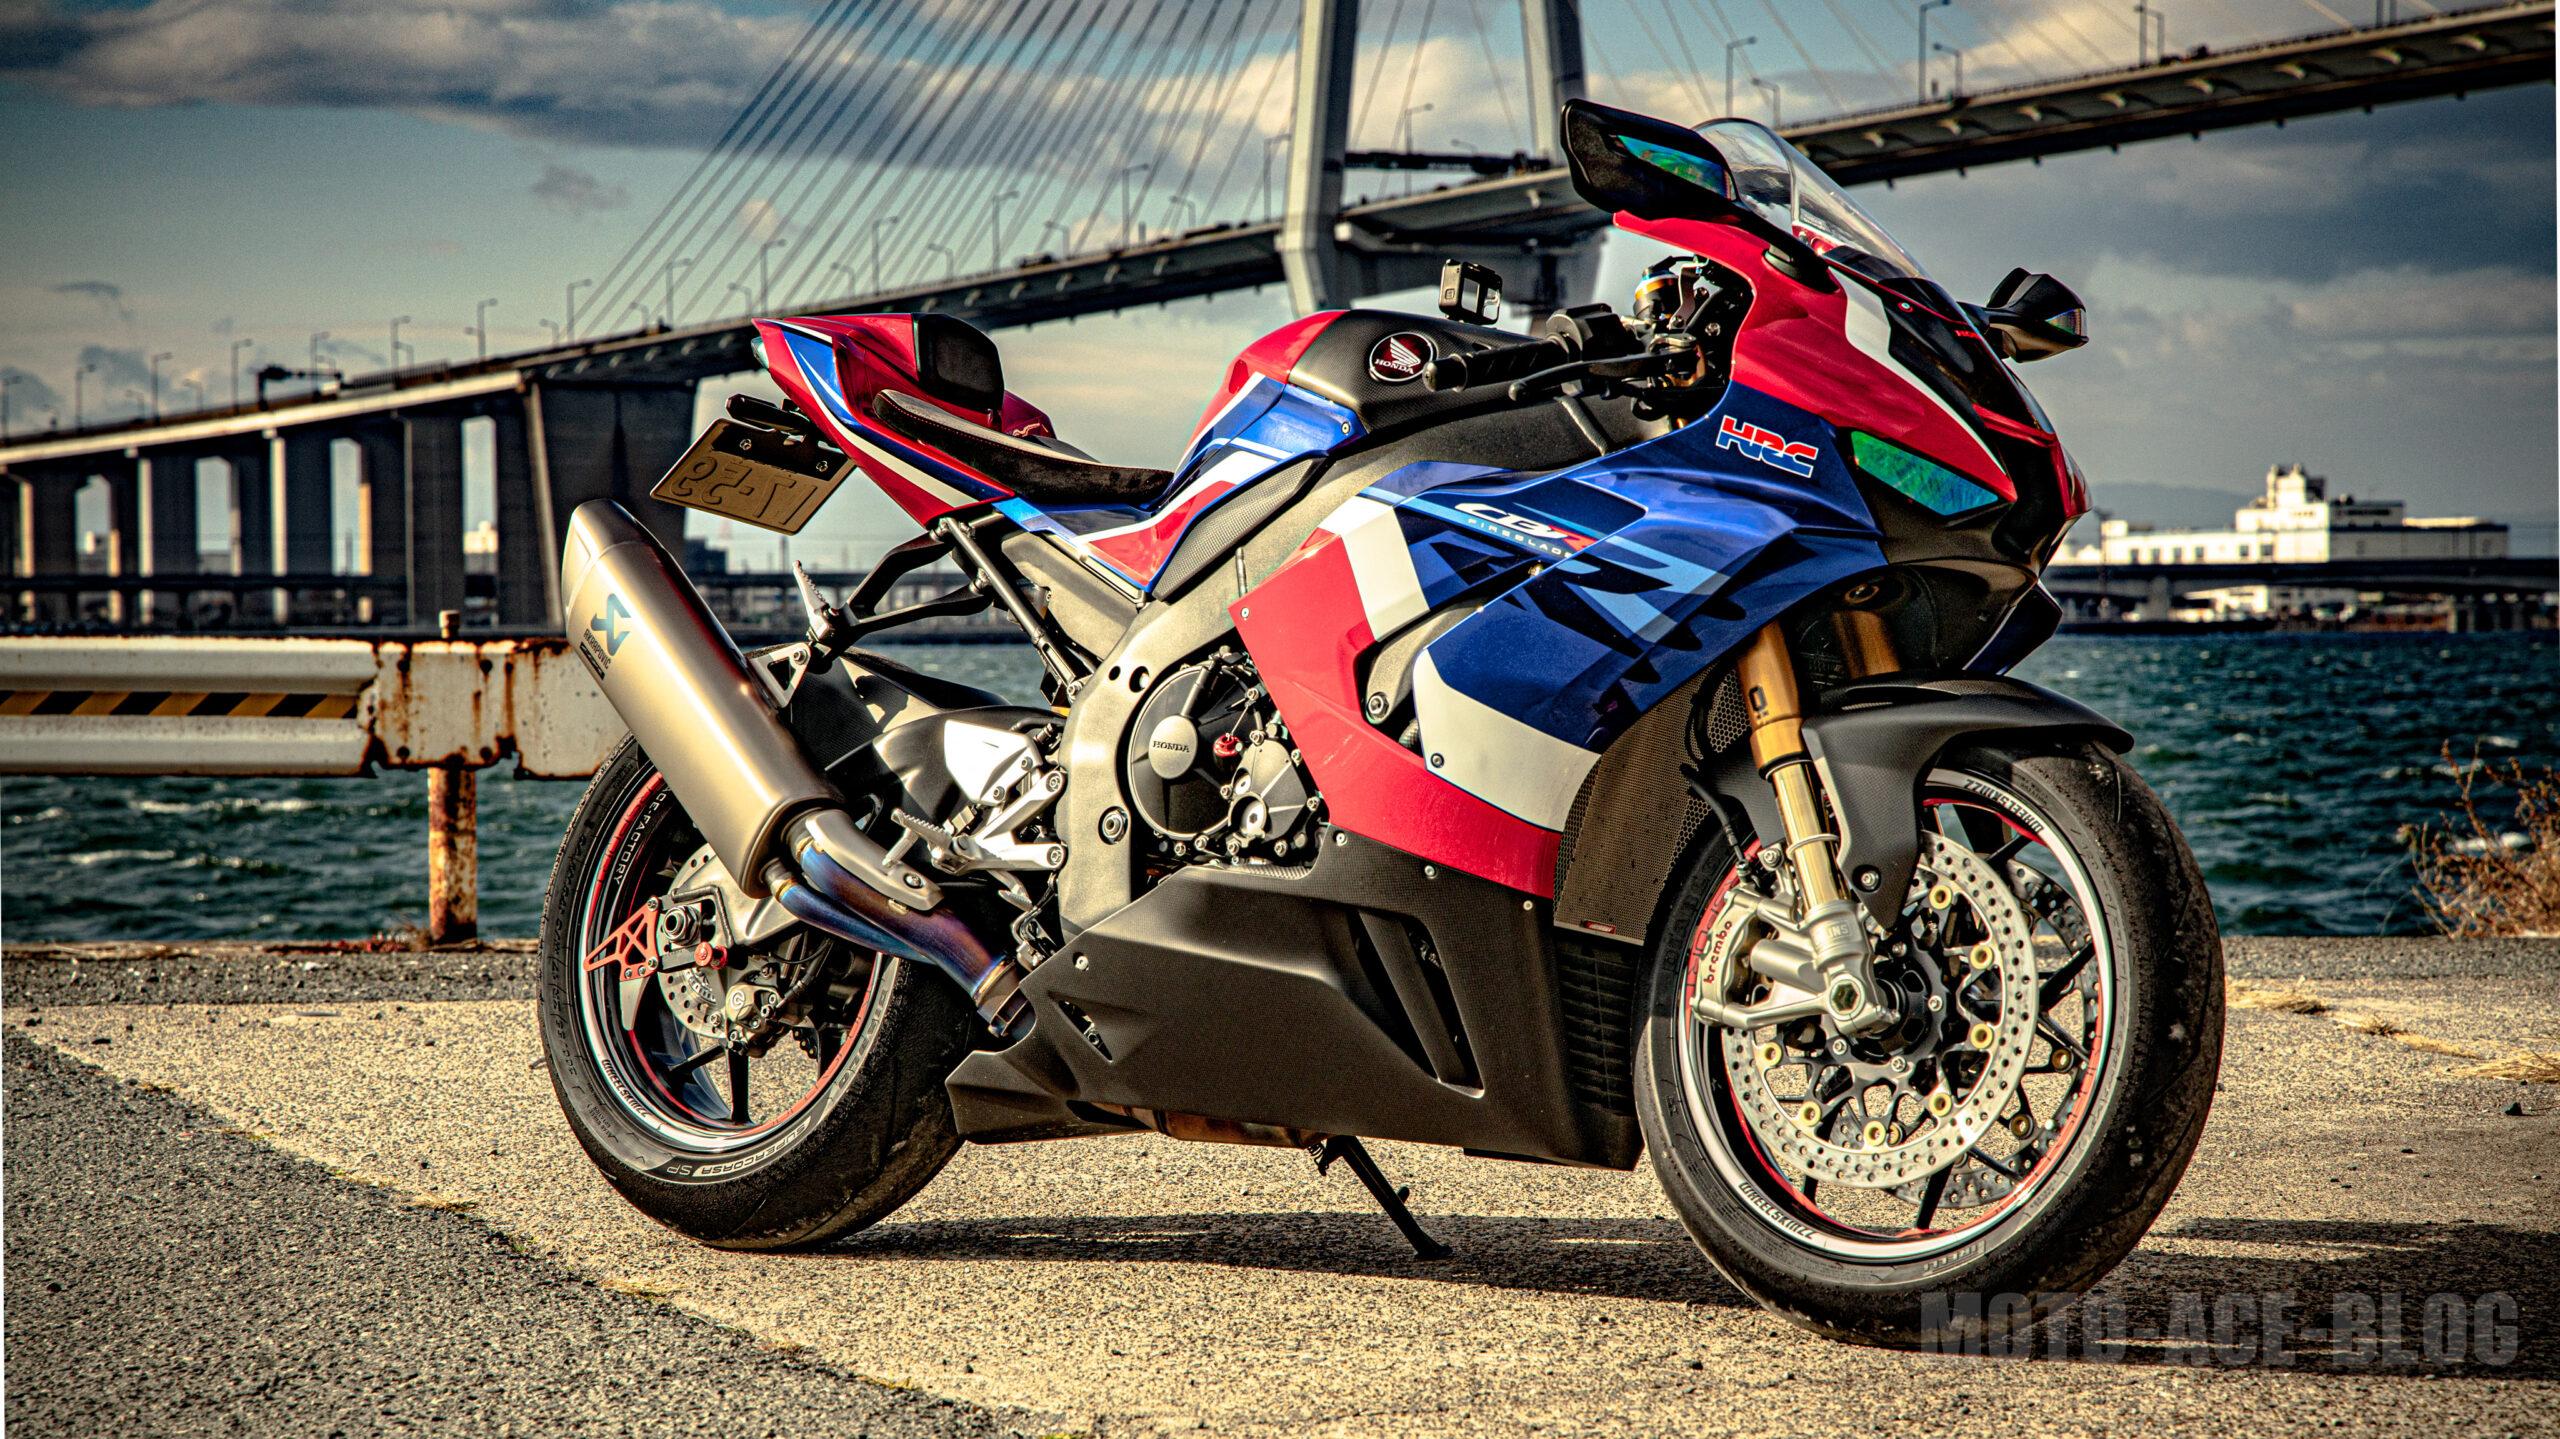 CBR1000RRRフルカスタムバイク